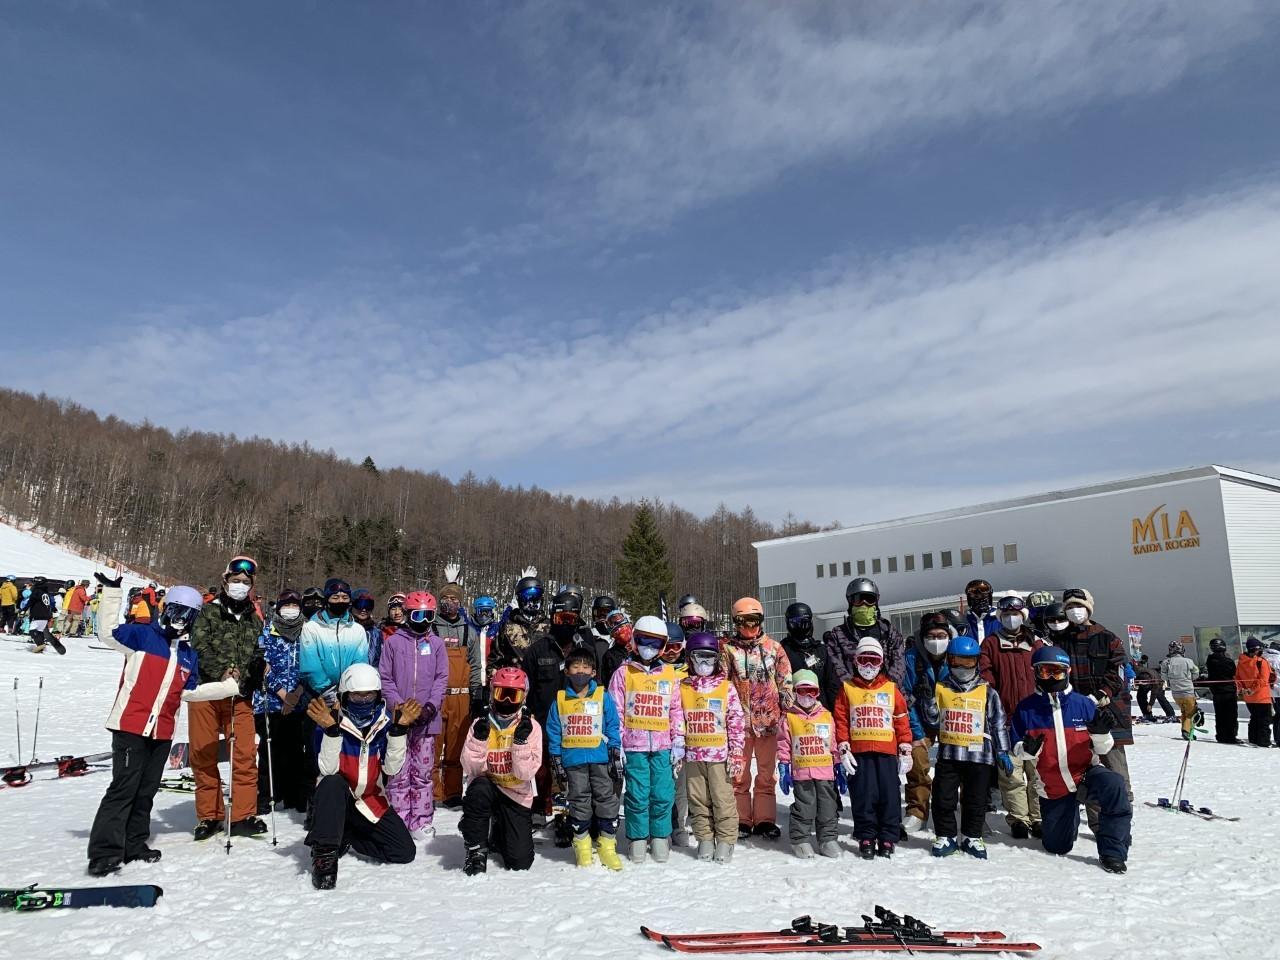 スキー特別レッスン開催しました。次回は3月27日(土)です。_a0150315_07492130.jpg